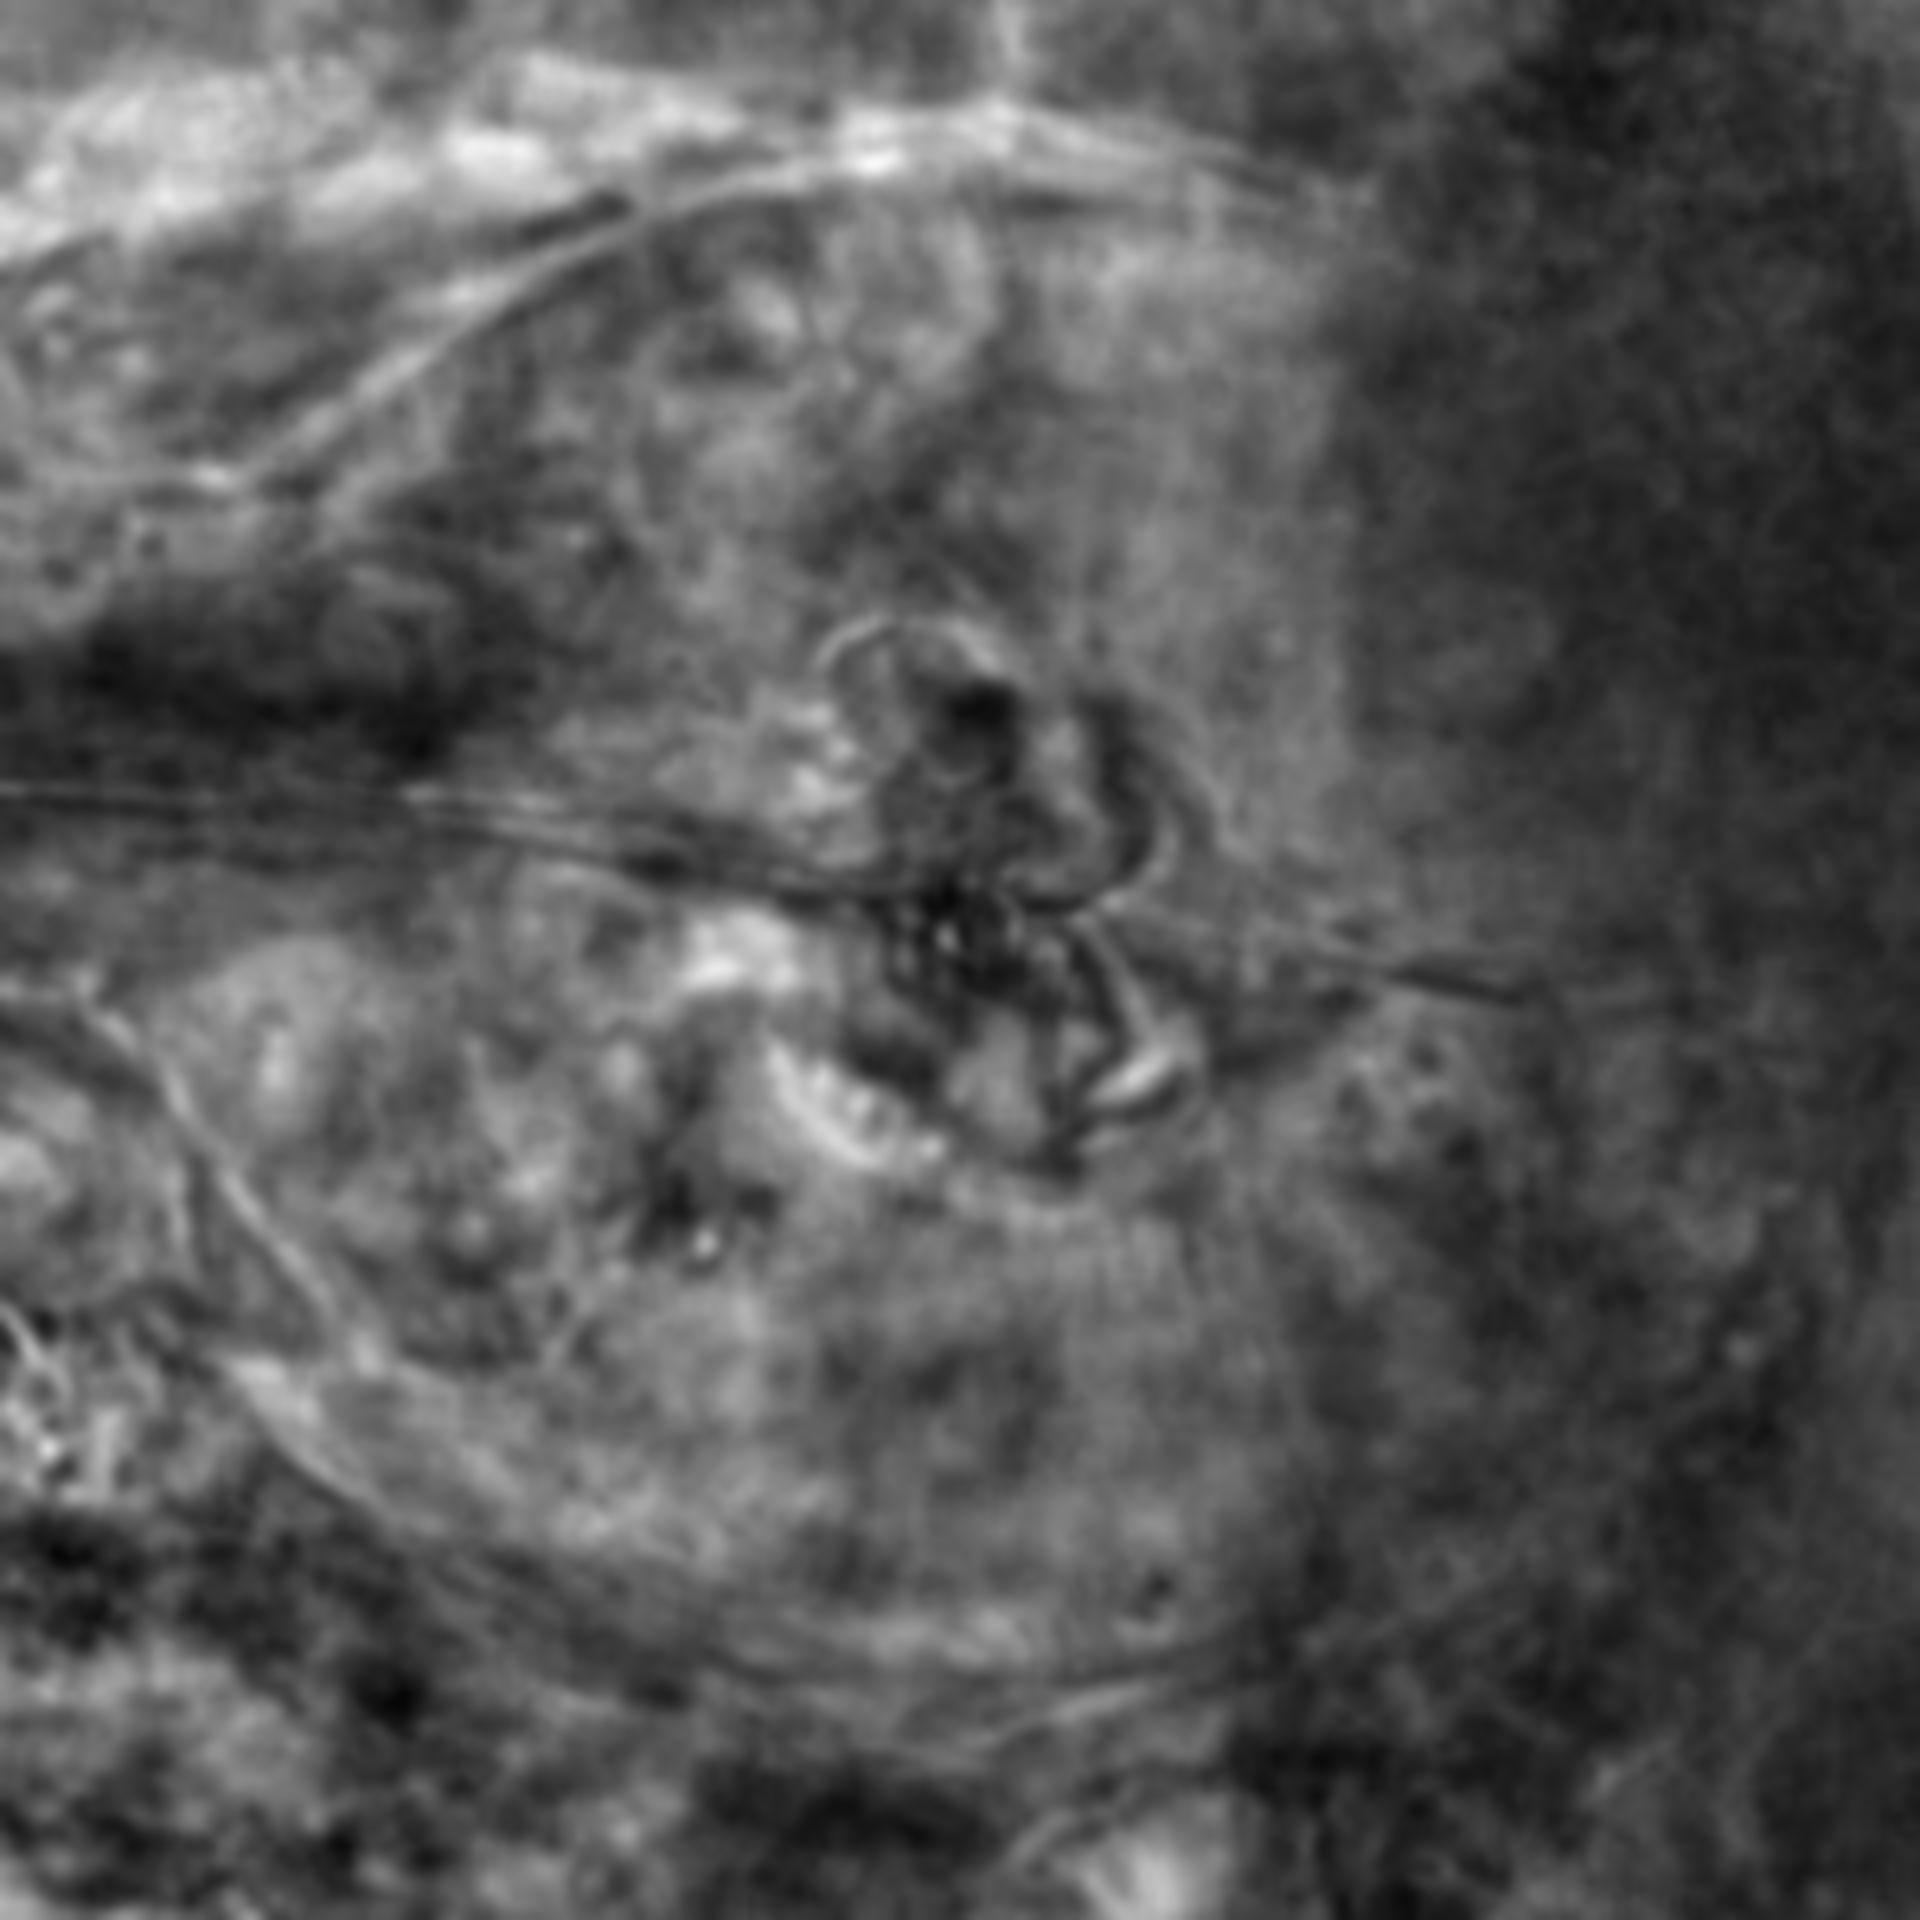 Caenorhabditis elegans - CIL:2567